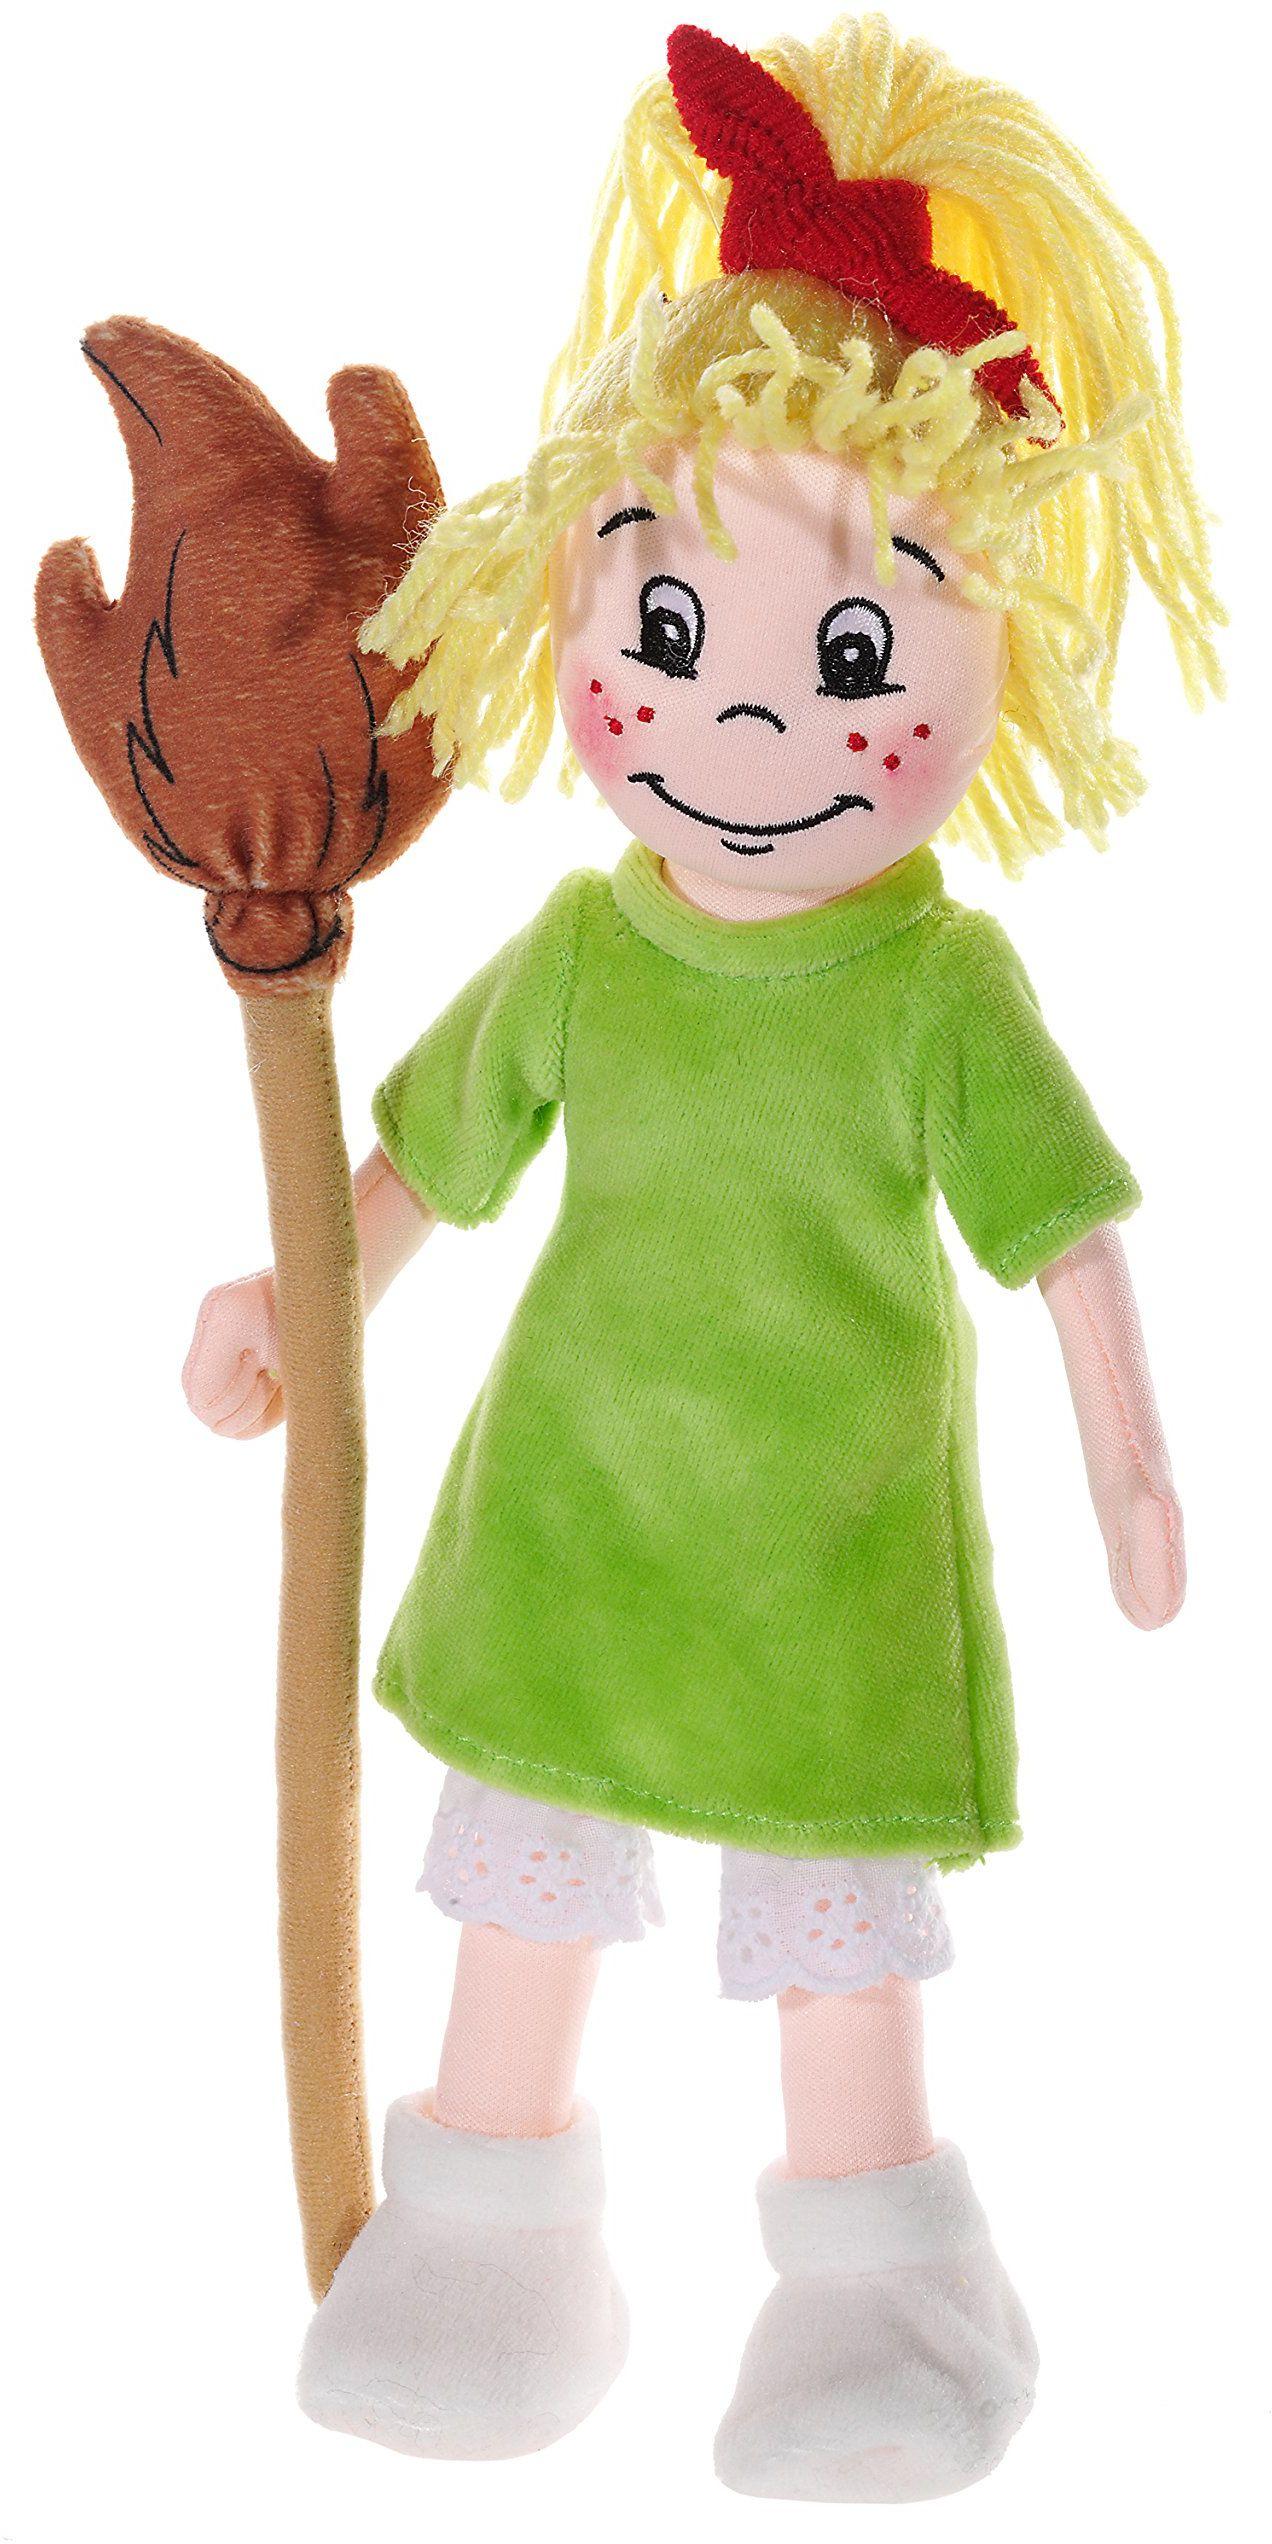 Bibi Blocksberg 476172 pluszowe zwierzątko lalka, kolor skóry/zielony